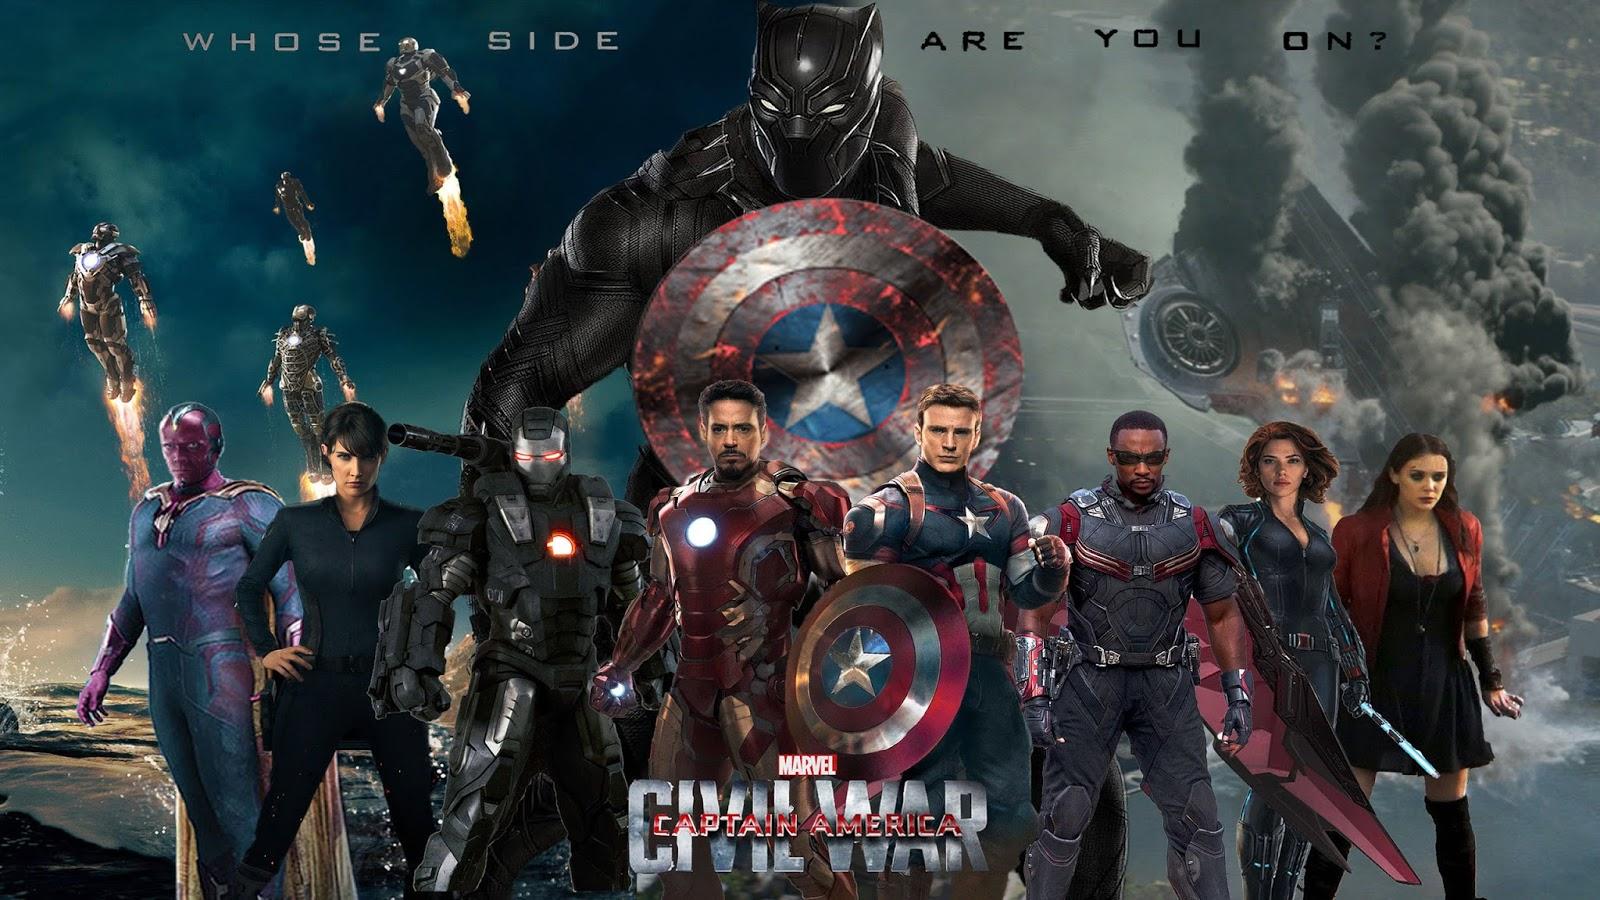 grátis papel de parede do filme Capitão America Guerra Civil em